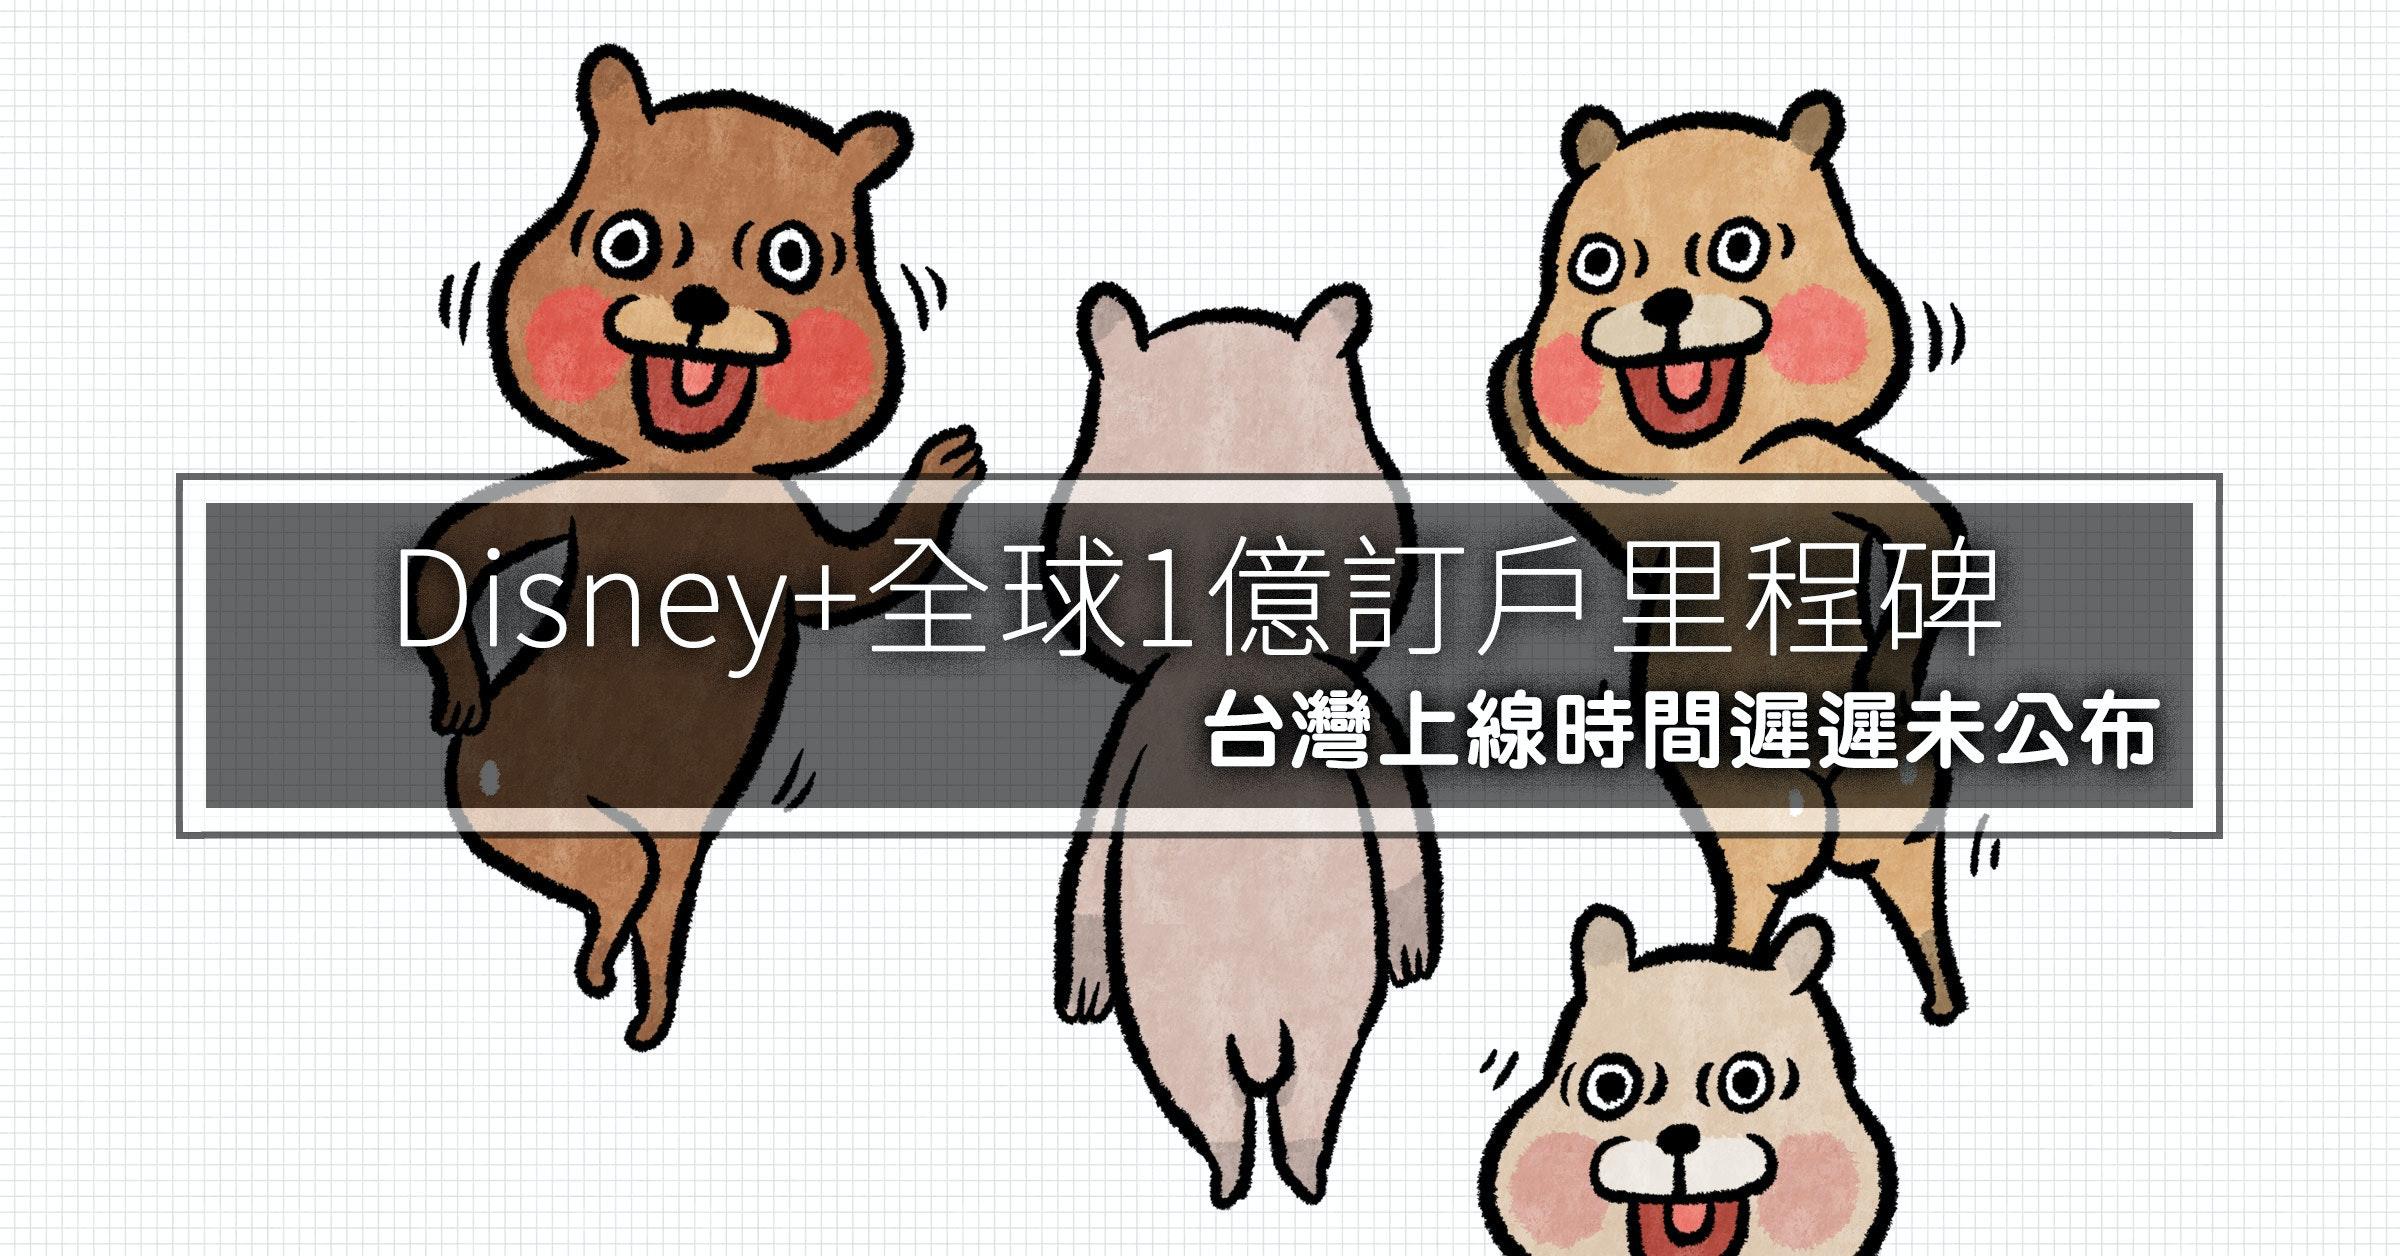 照片中提到了0) (O、Disney+全球1億訂戶里程碑、台灣上線時間遲遲未公布,跟美女輪胎有關,包含了動畫片、犬科、哺乳動物、食肉動物、人類行為